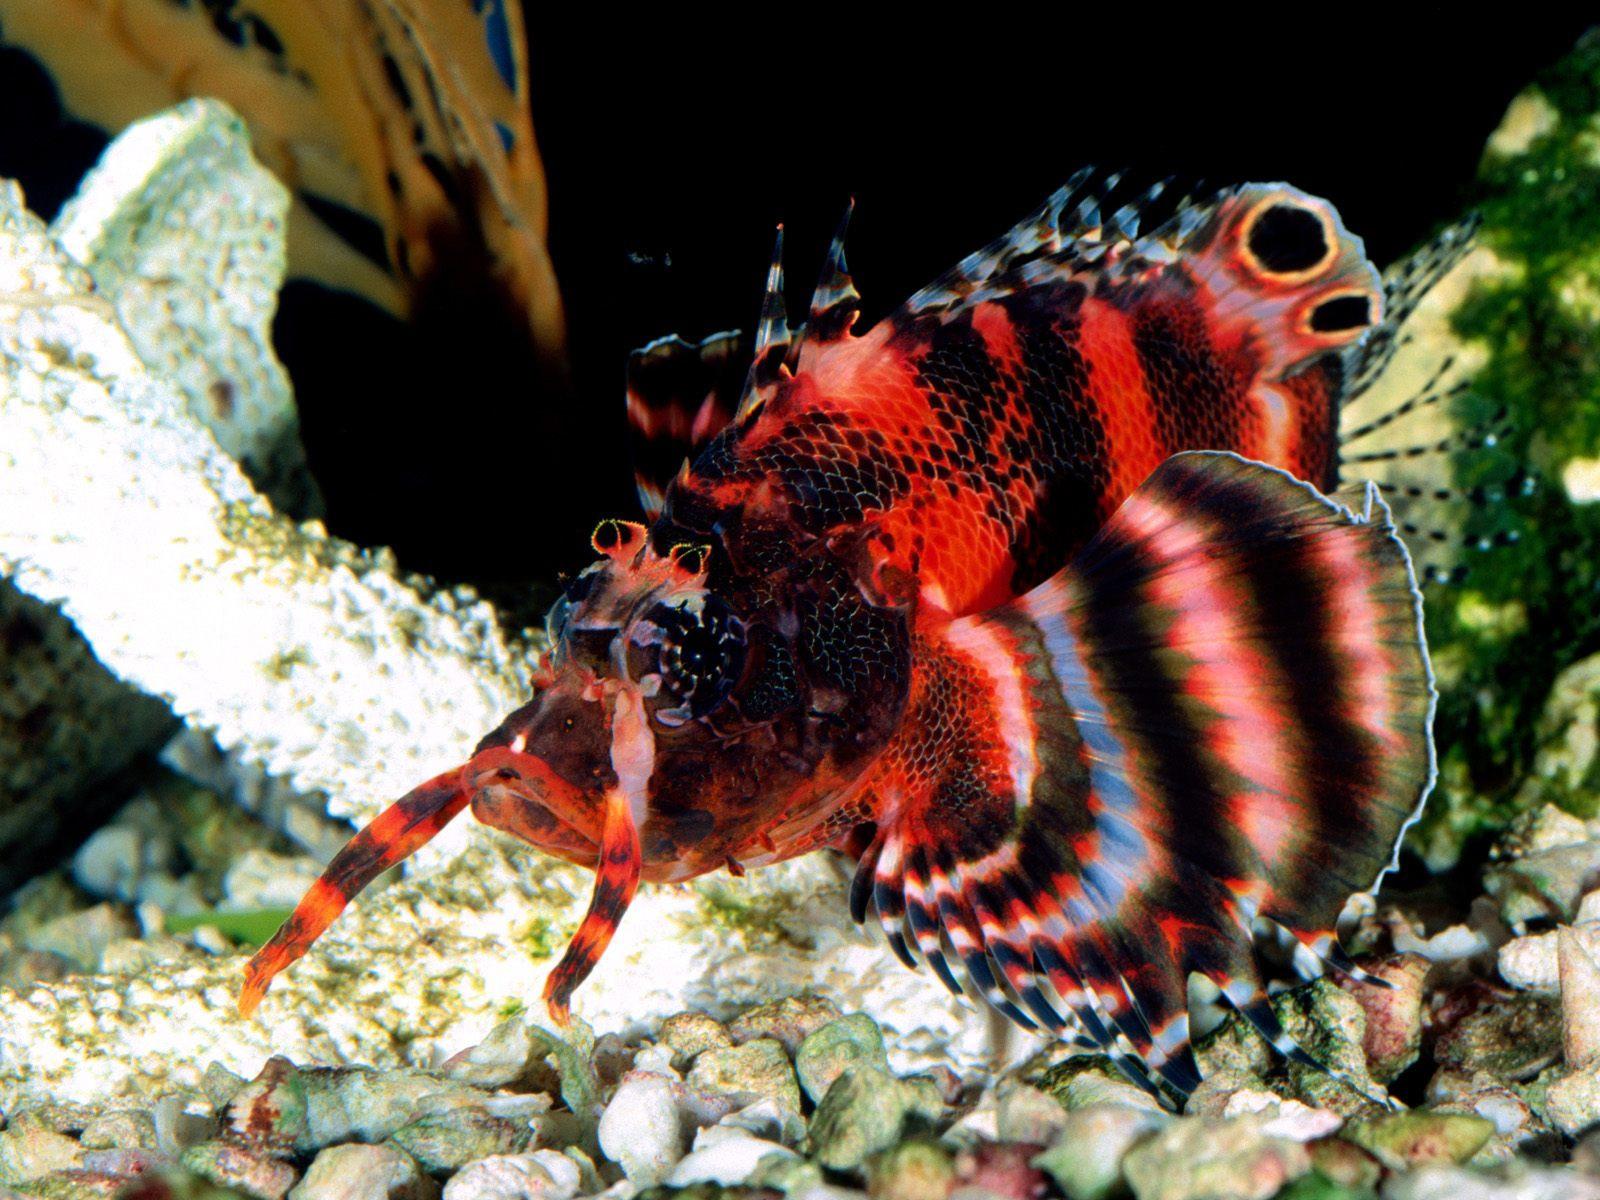 http://3.bp.blogspot.com/-bxfFw-lj3e8/TpCDtDuIn7I/AAAAAAAAAH8/CeRb3YXvWrE/s1600/naturegallery2011.blogspot+%25289%2529.jpg